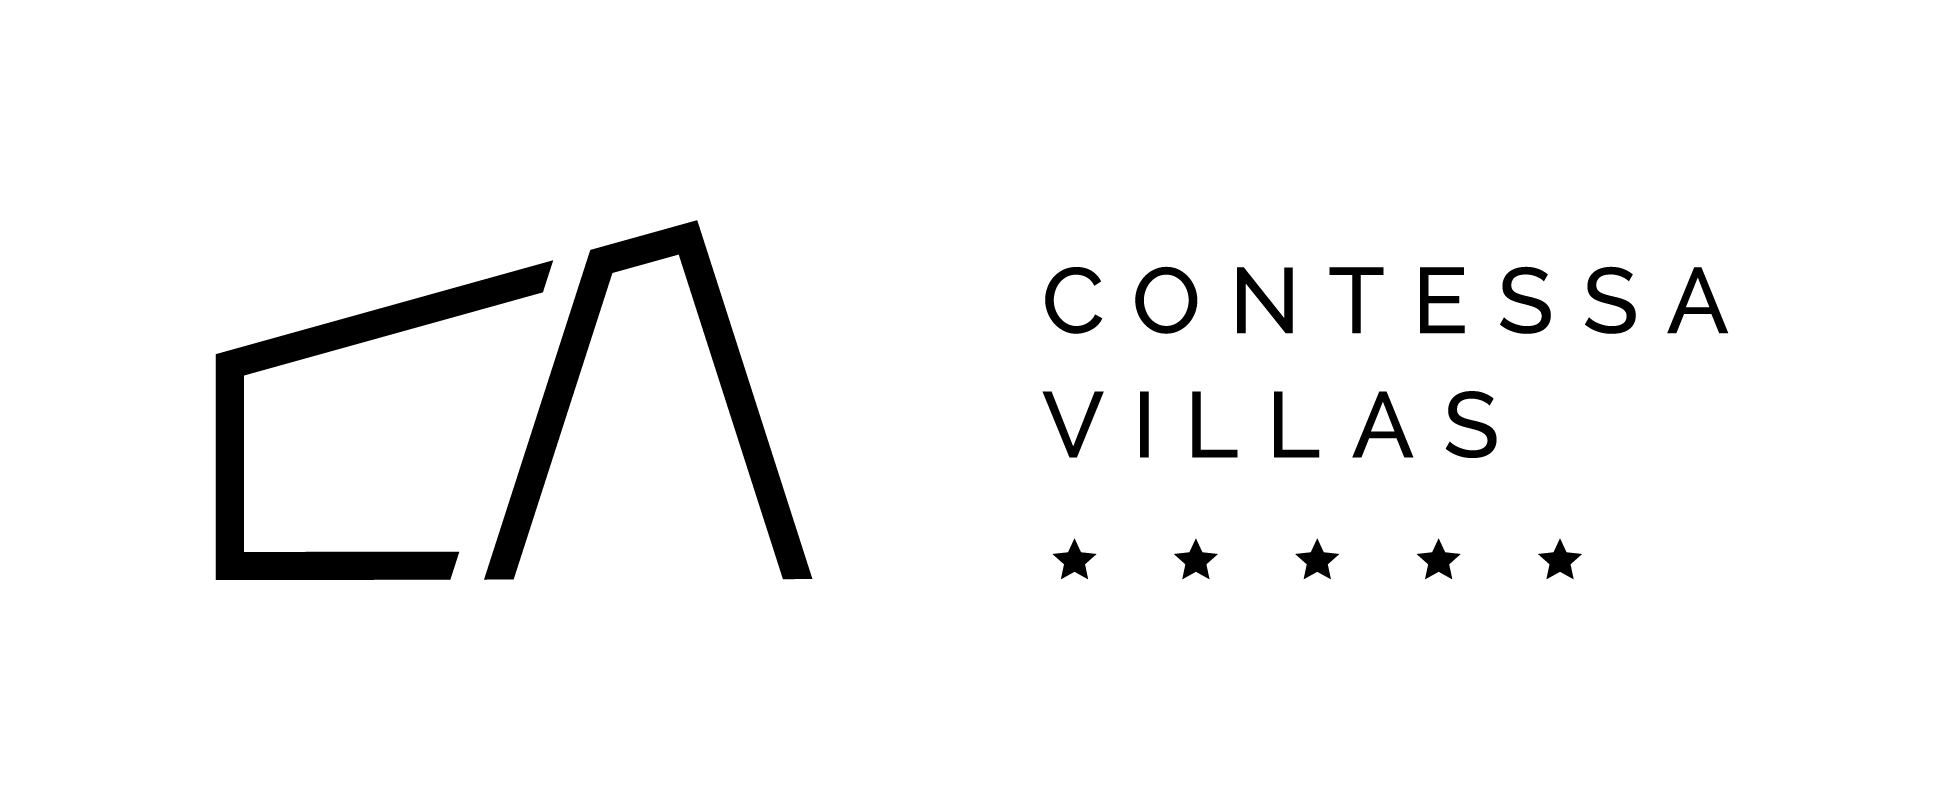 U agenciji Contessa Villas znaju kako vas zadiviti - vile uz more na Krku nude vam najbolje od oba svijeta kupanja i blizinu mora i privatnost bazena!